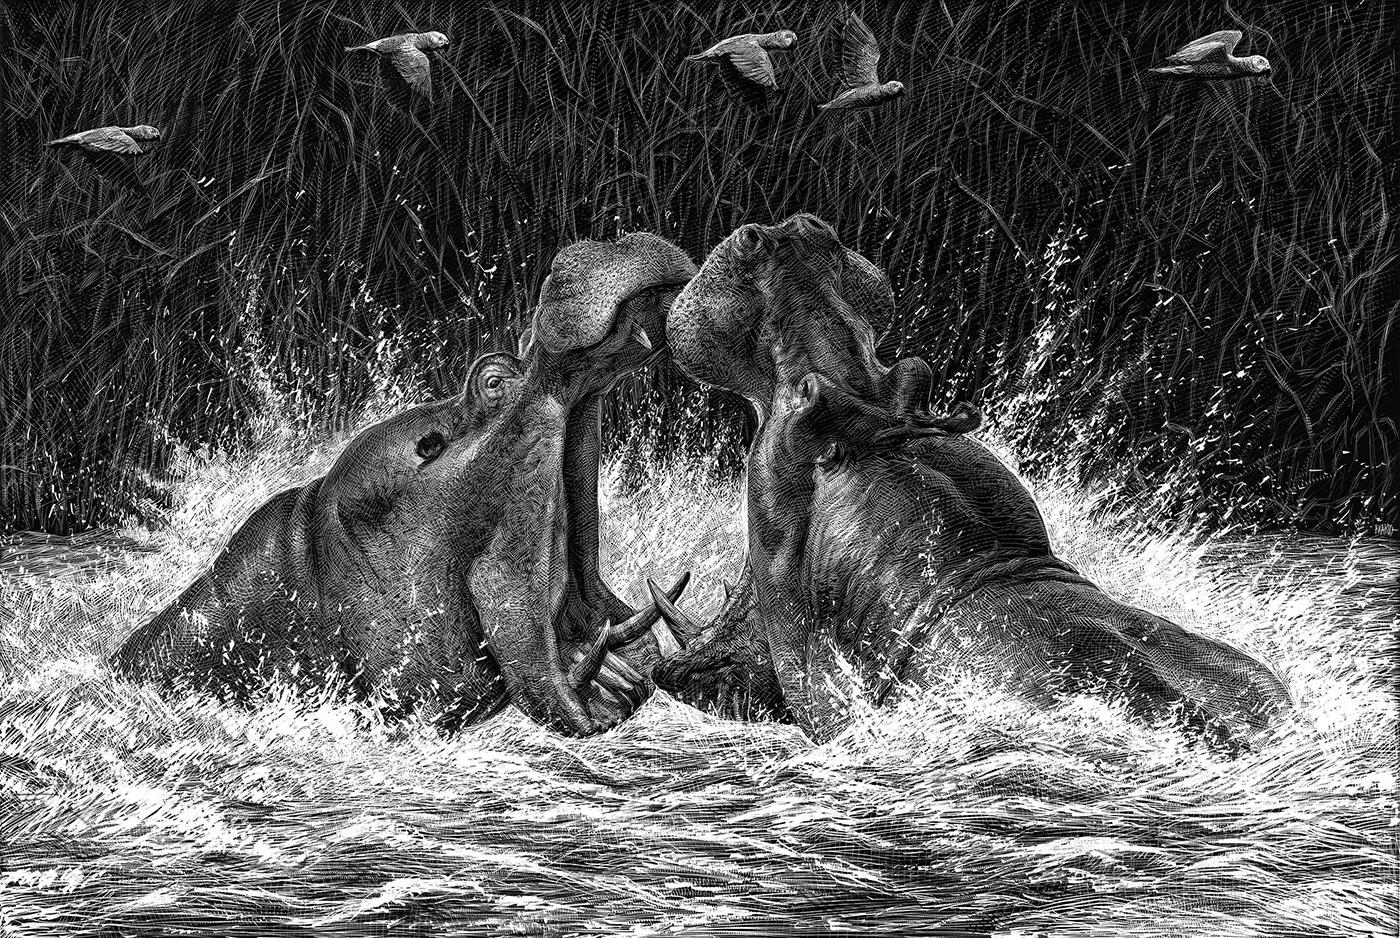 Richard Solomon - Ricardo-Martinez-277-Hipopotamos